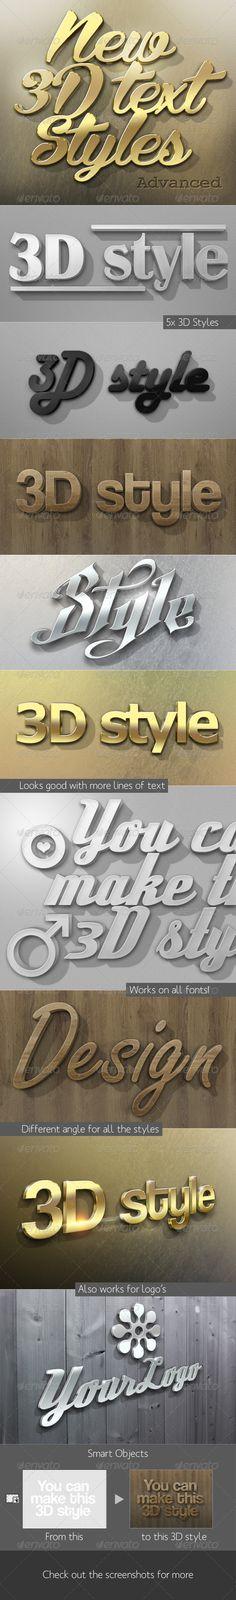 New 3D Text Styles Advanced